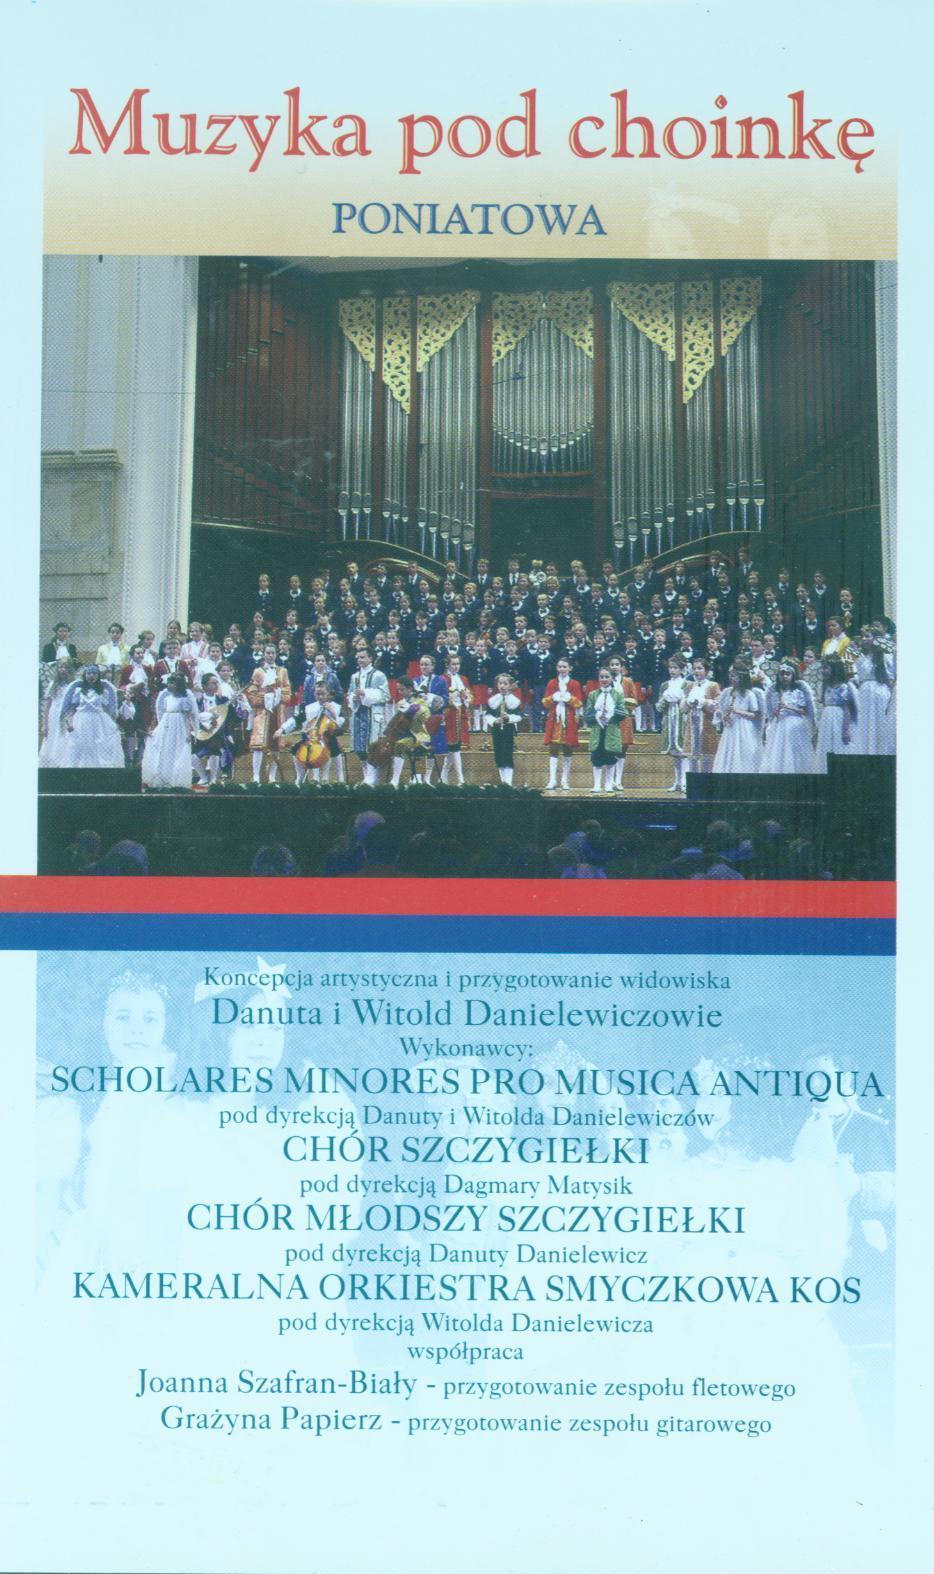 Muzyka pod choinkę - DVD